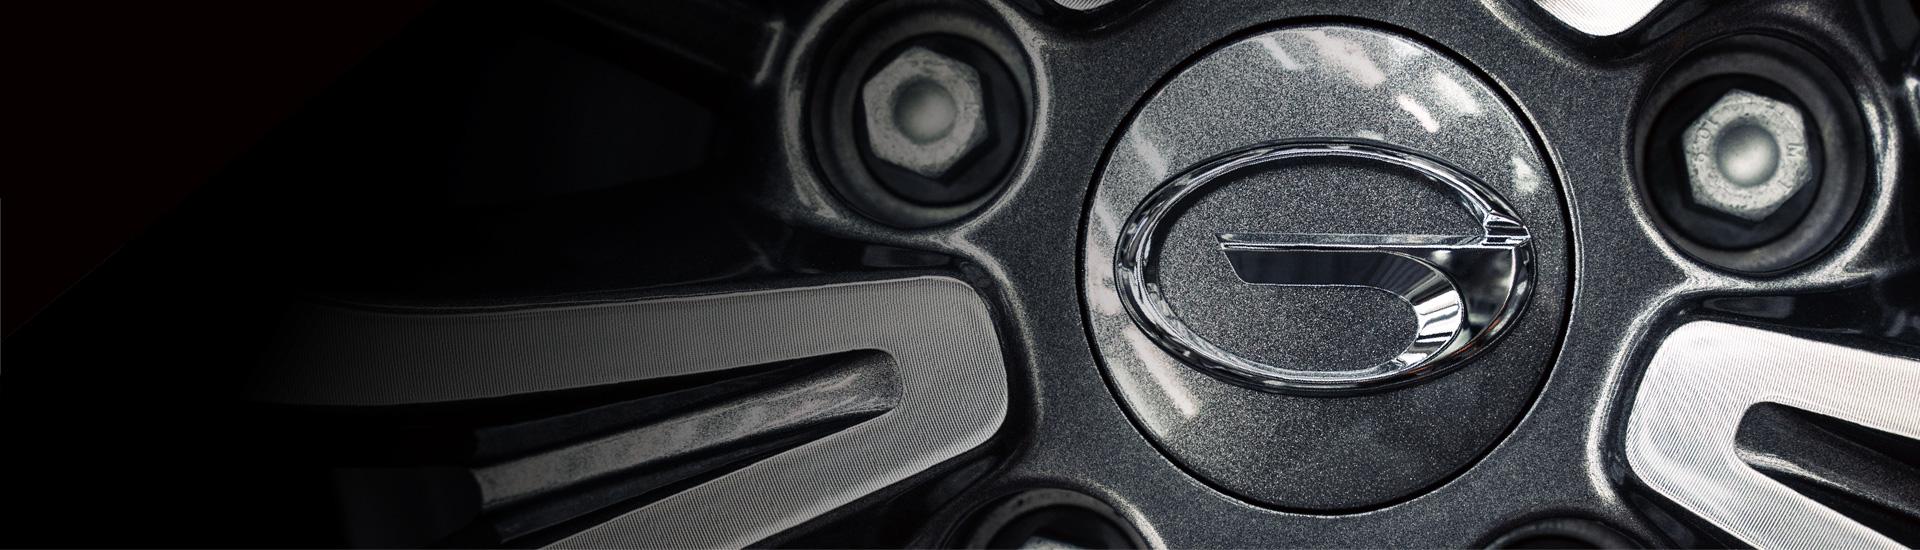 About GAC Motor